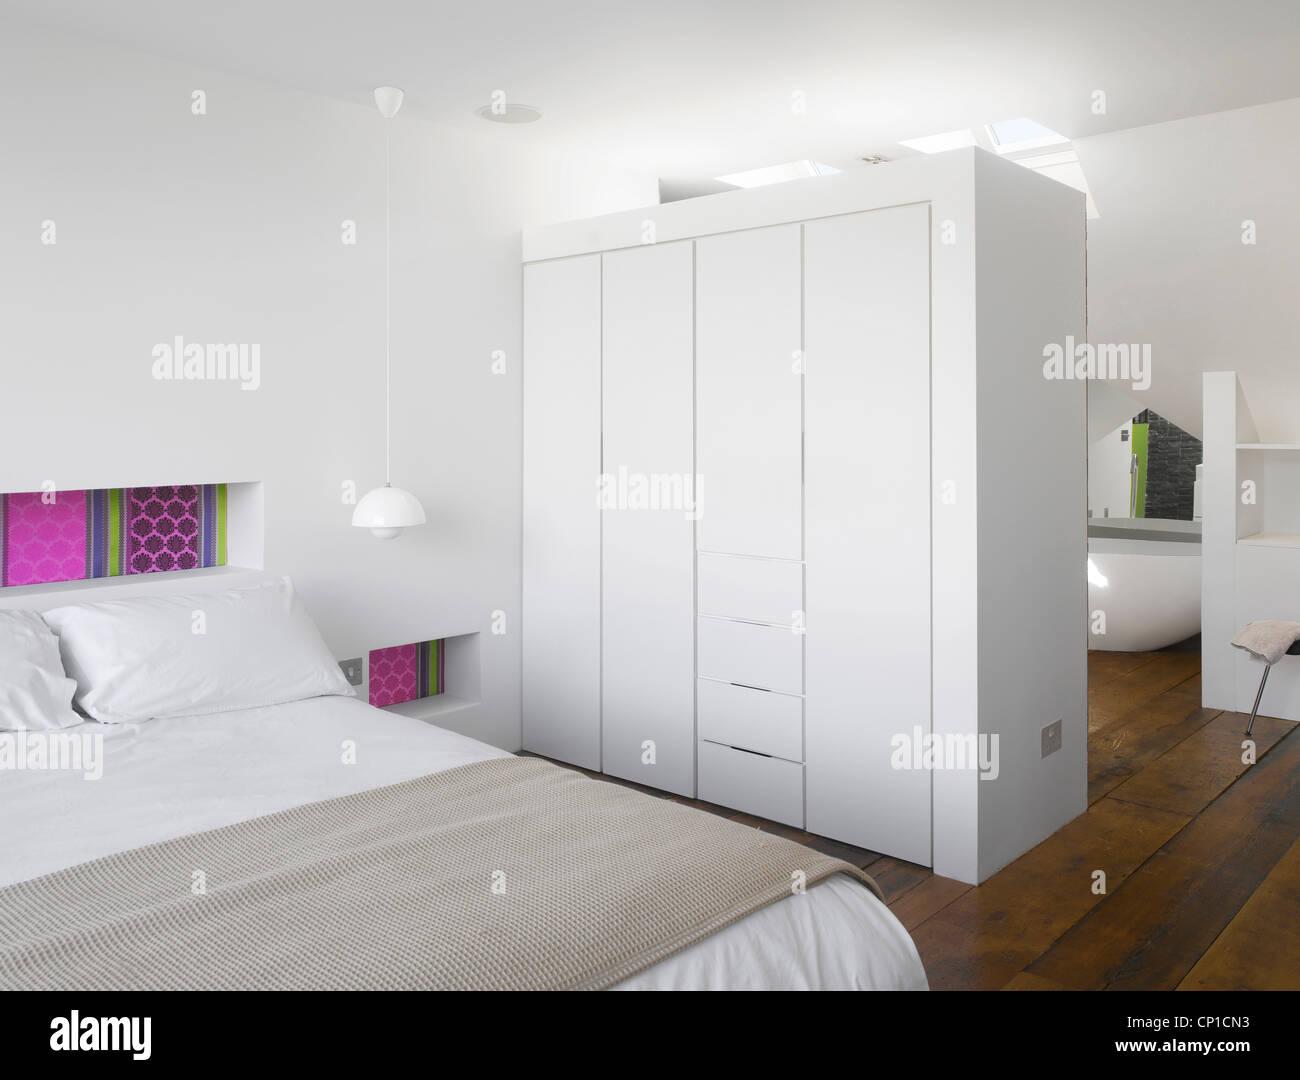 Open-plan loft floor with master bedroom and bathroom - Stock Image